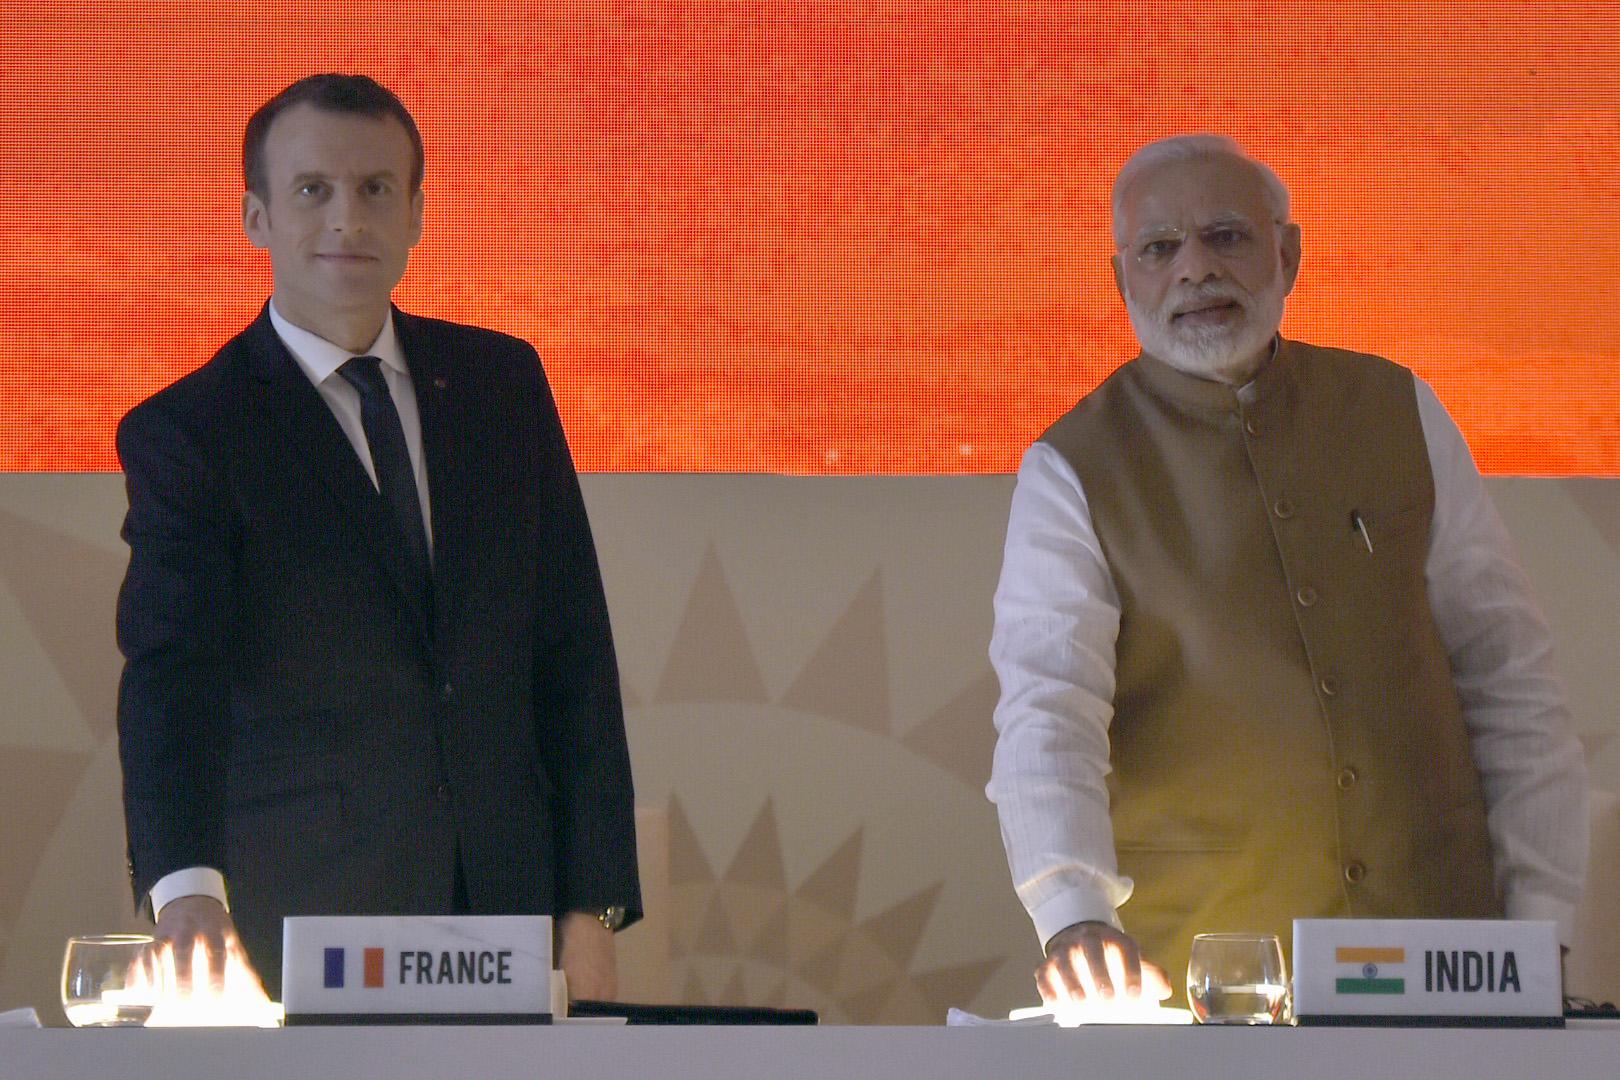 فرانسیسی صدرایمانویل میکخواں کے ساتھ وزیر اعظم نریندر مودی۔ (فائل فوٹو: پی آئی بی)